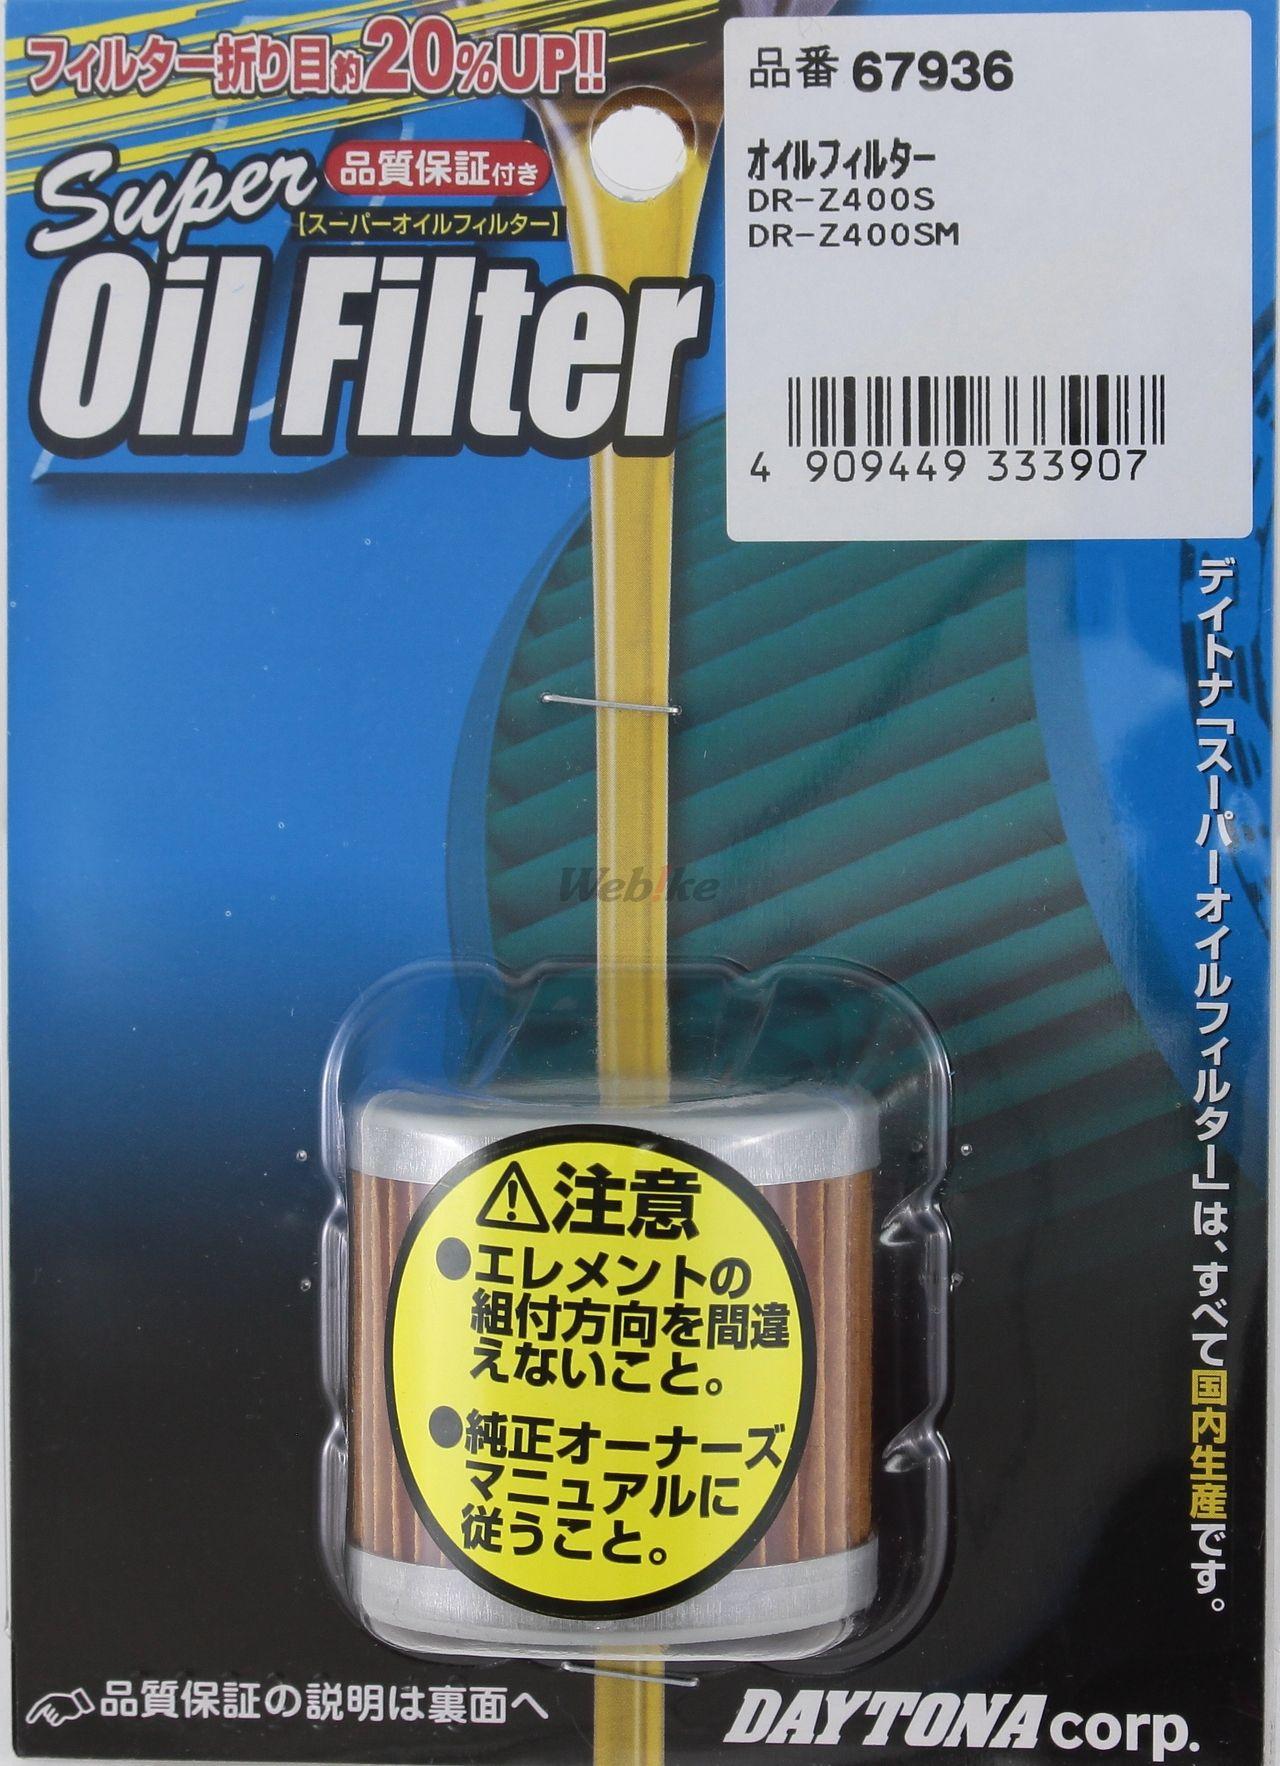 エンジンオイル・オイルフィルター交換